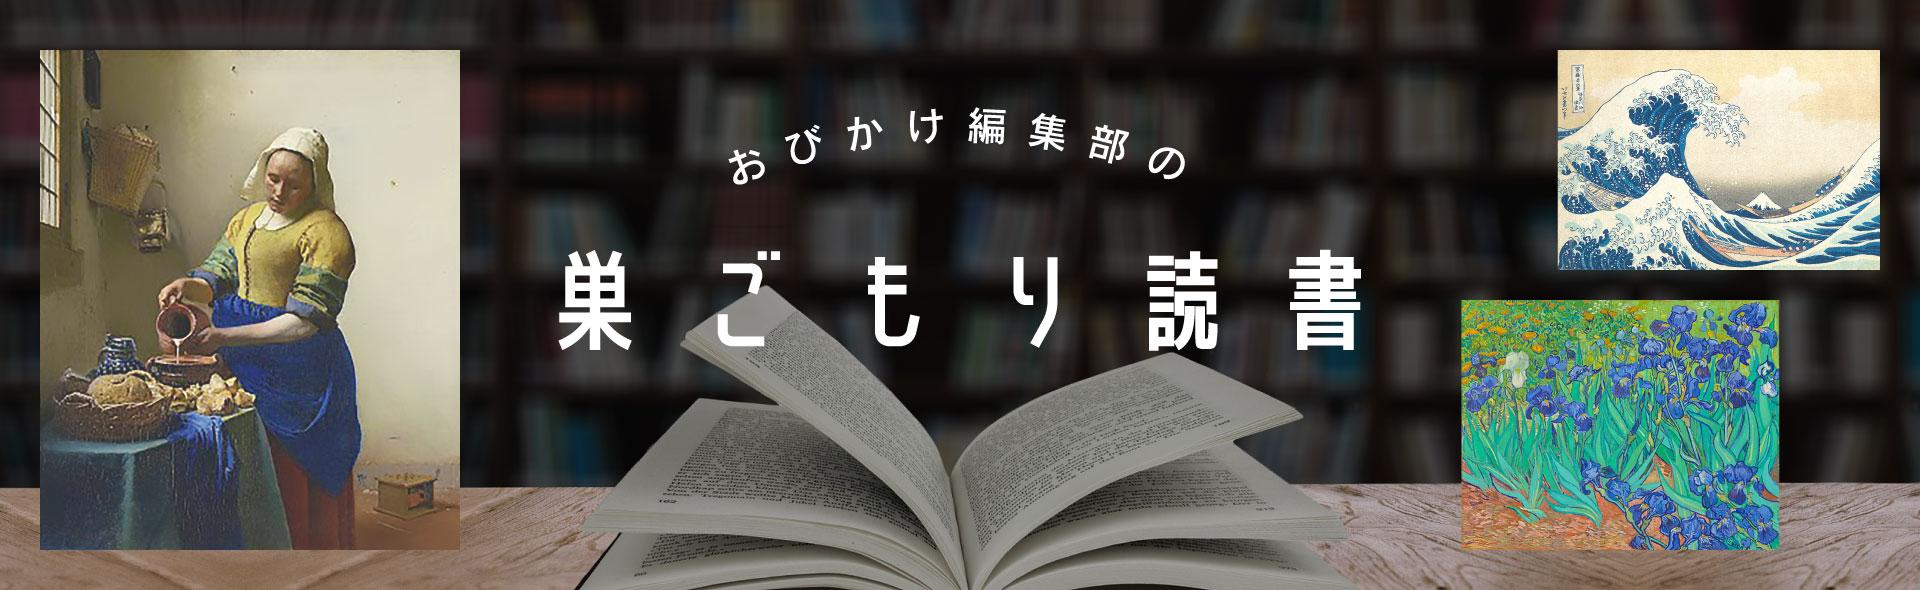 おびかけ編集部の巣ごもり読書 谷崎潤一郎文学の着物を見る